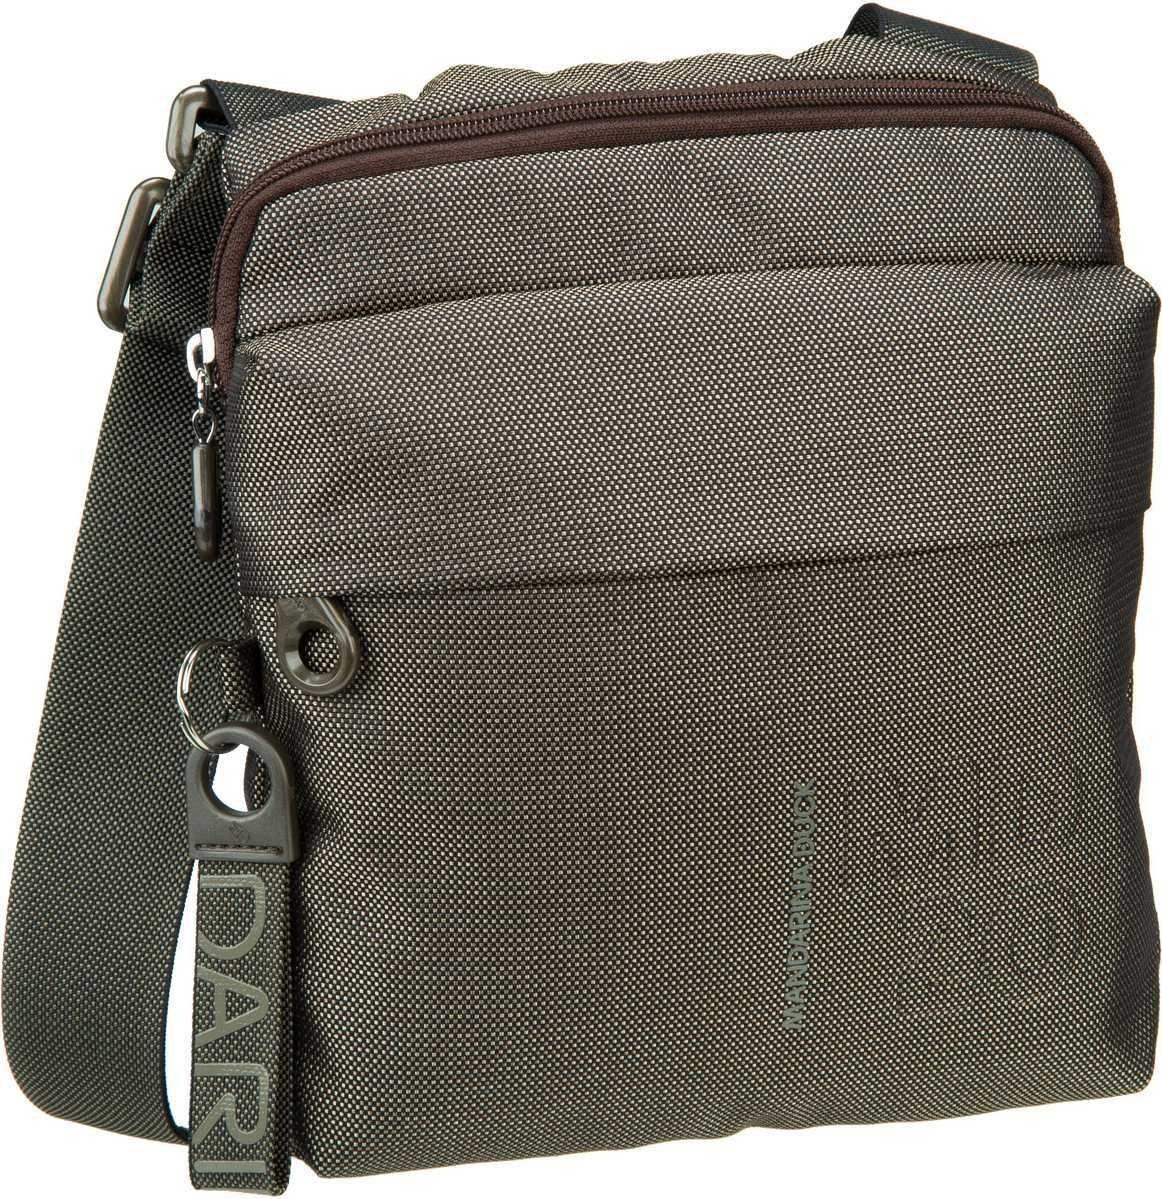 Umhängetasche MD20 Small Crossover Bag QMT04 Light Taupe Mandarina Duck 23pDYQRm